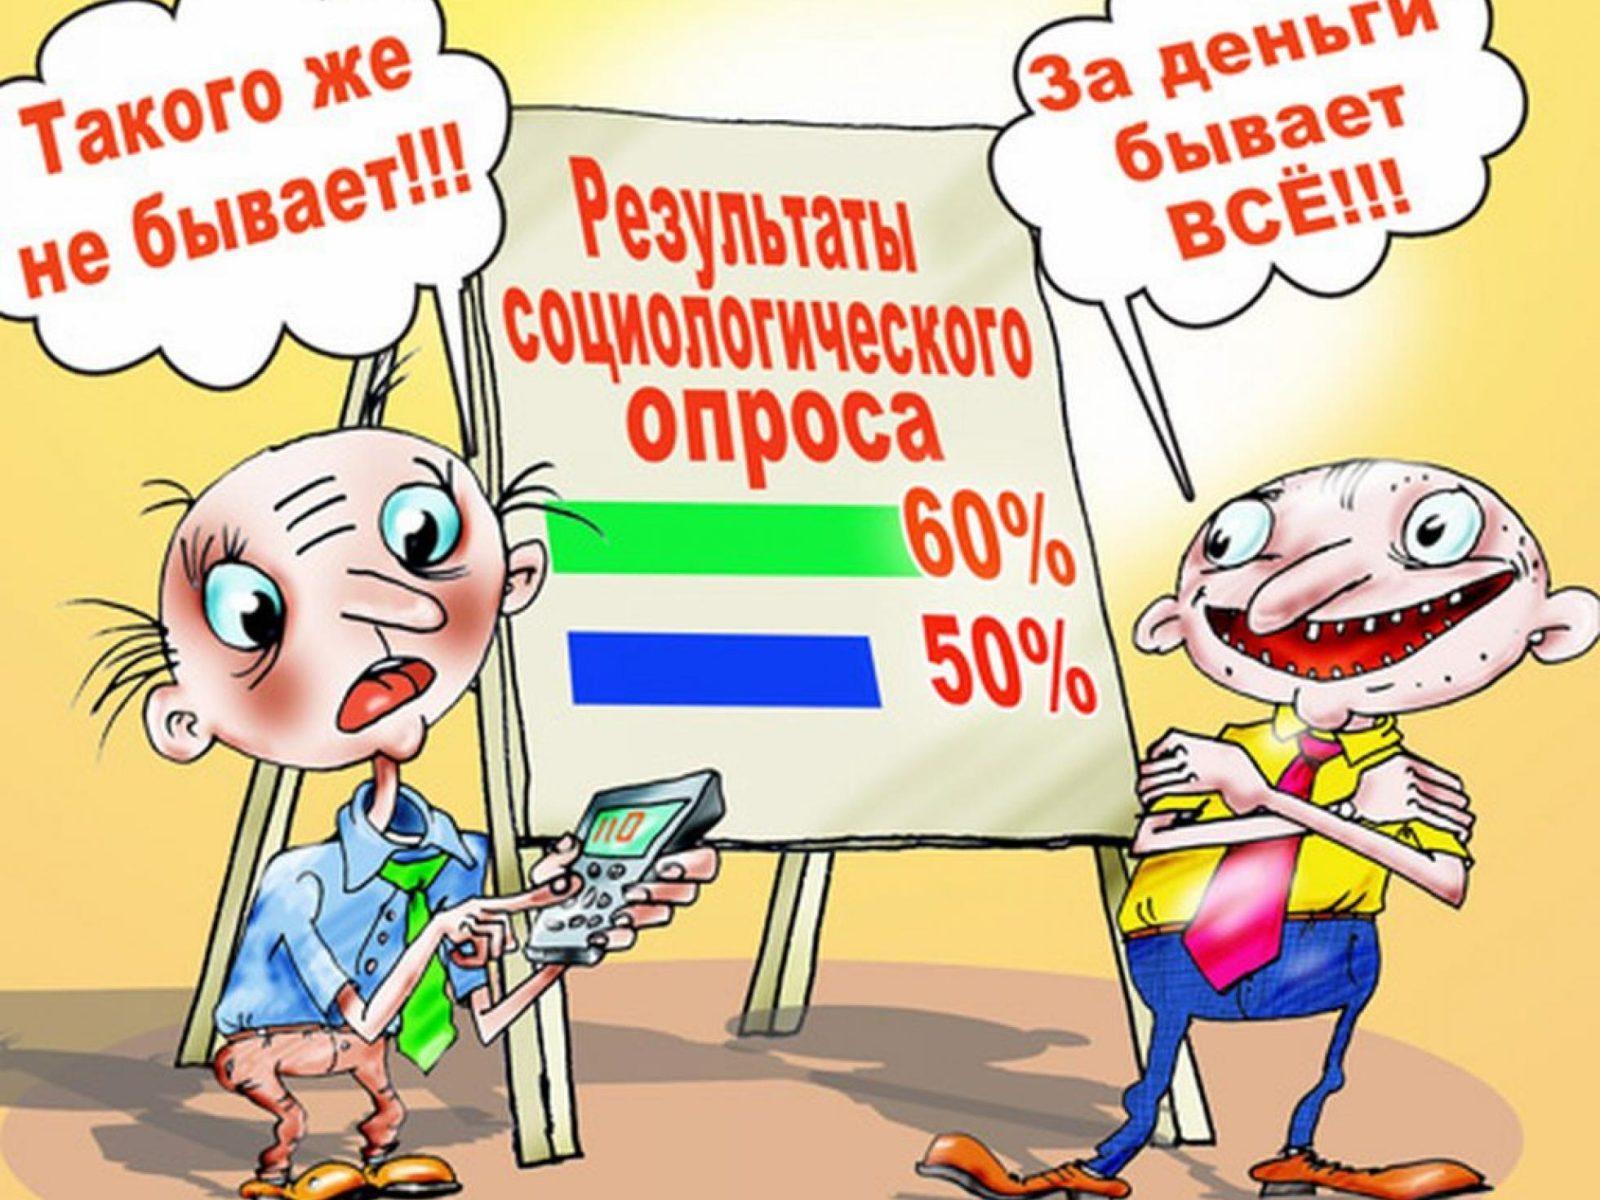 Администрацию Рязани обвинили в подтасовке результатов опроса